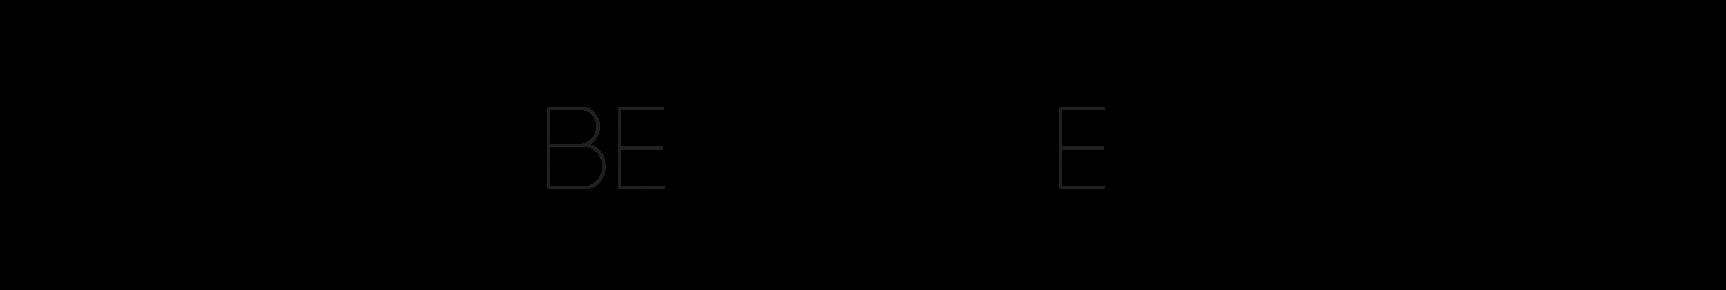 BeHumane icons-05